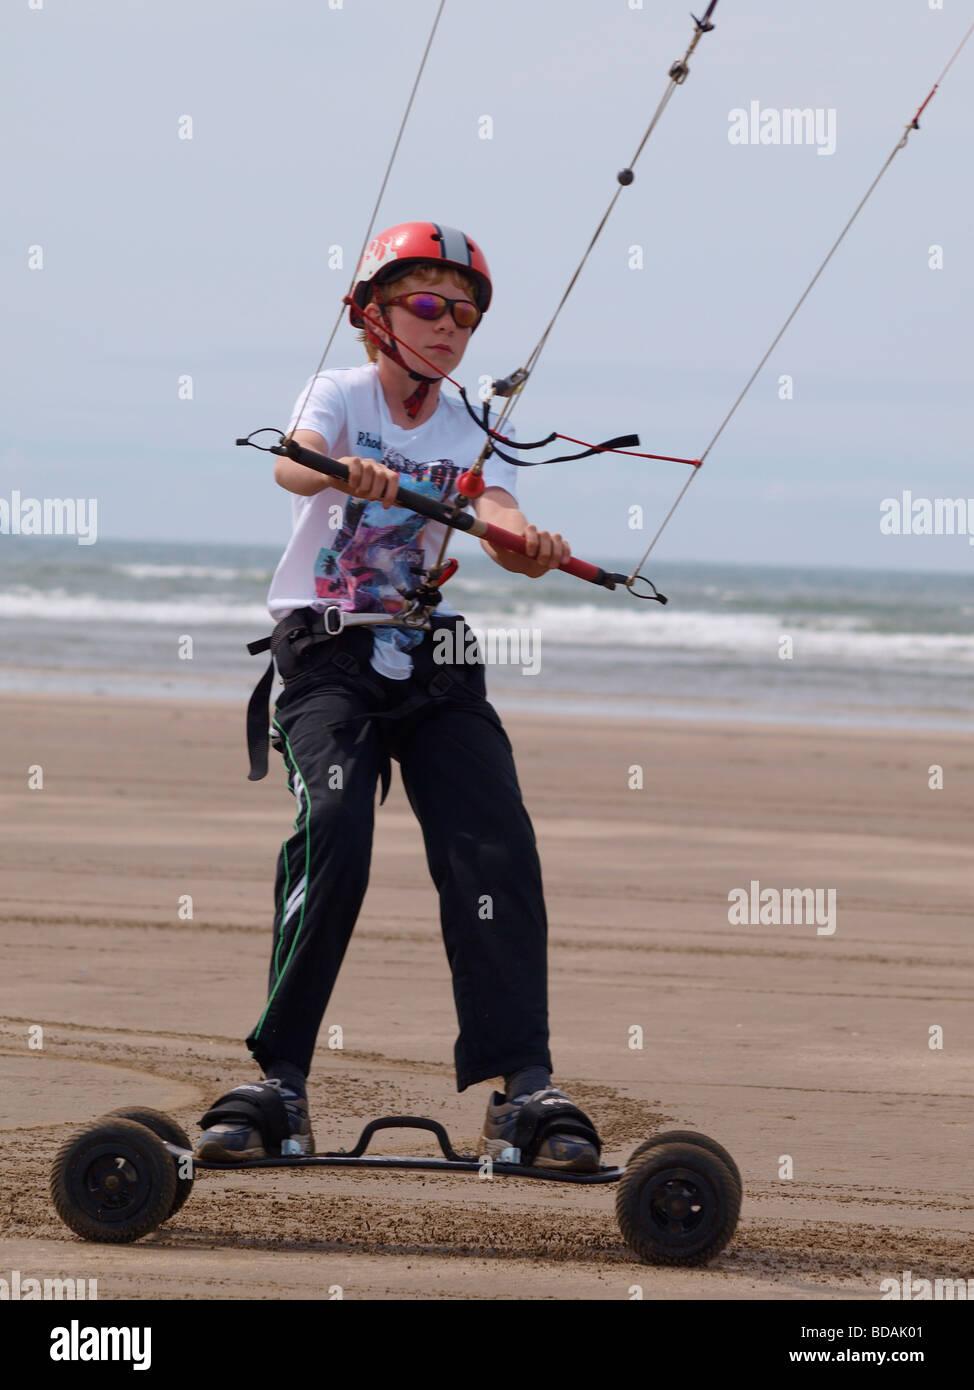 young teenager Kite Landboarding Skateboarding - Stock Image